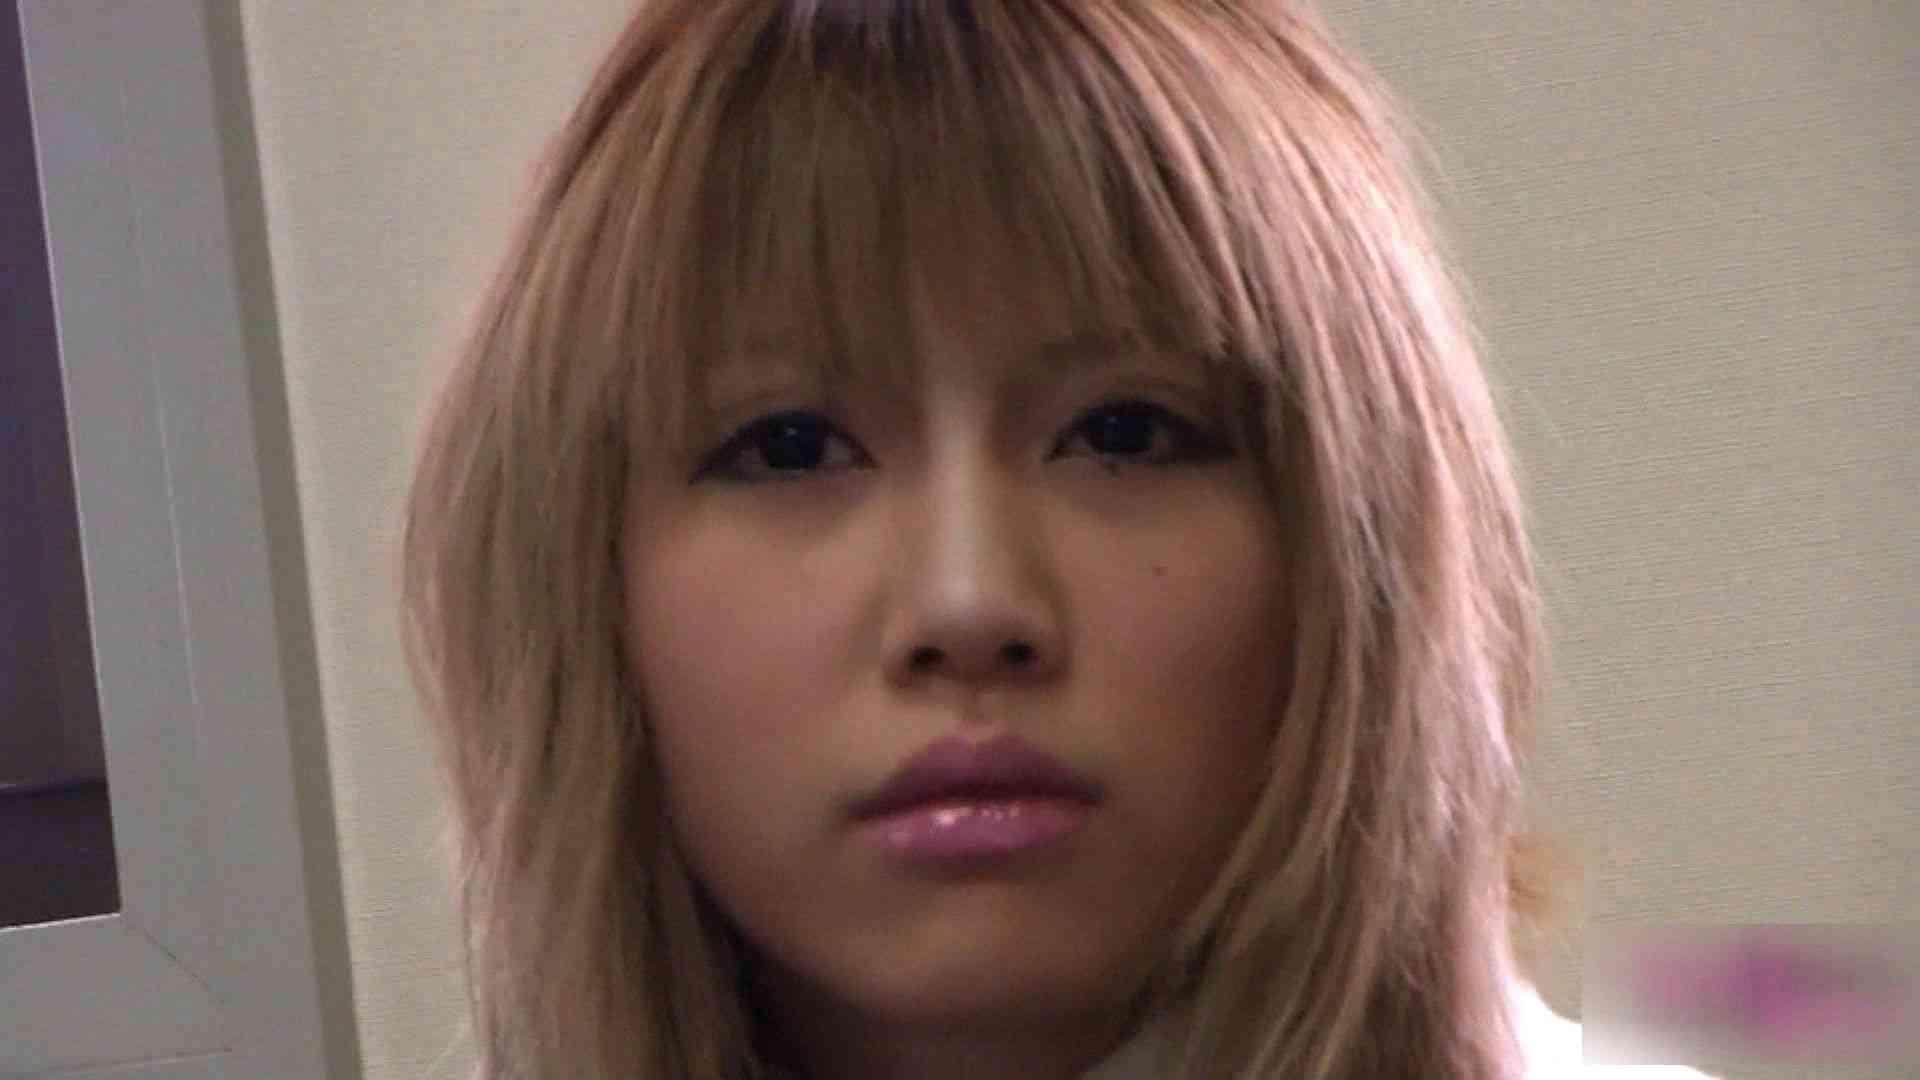 エロギャル!SEXパリピ! Vol.09 前編 SEX 盗撮動画紹介 94連発 5